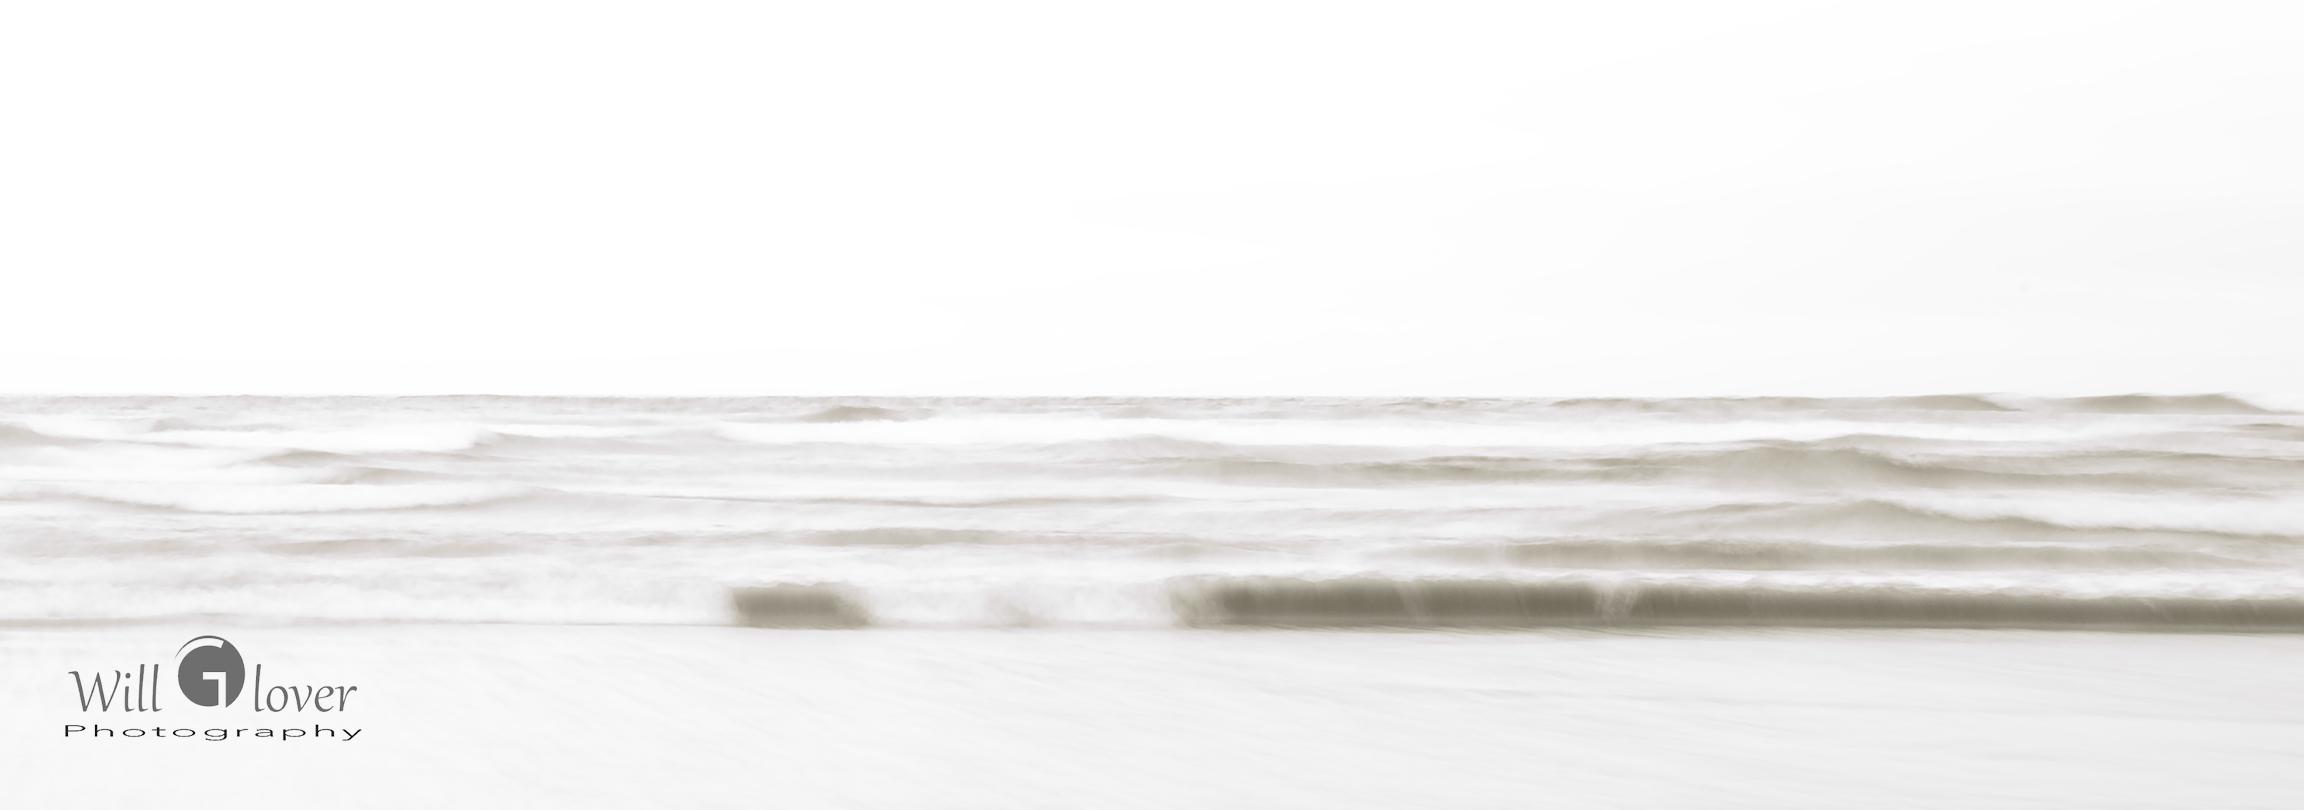 Waves-2-2.jpg